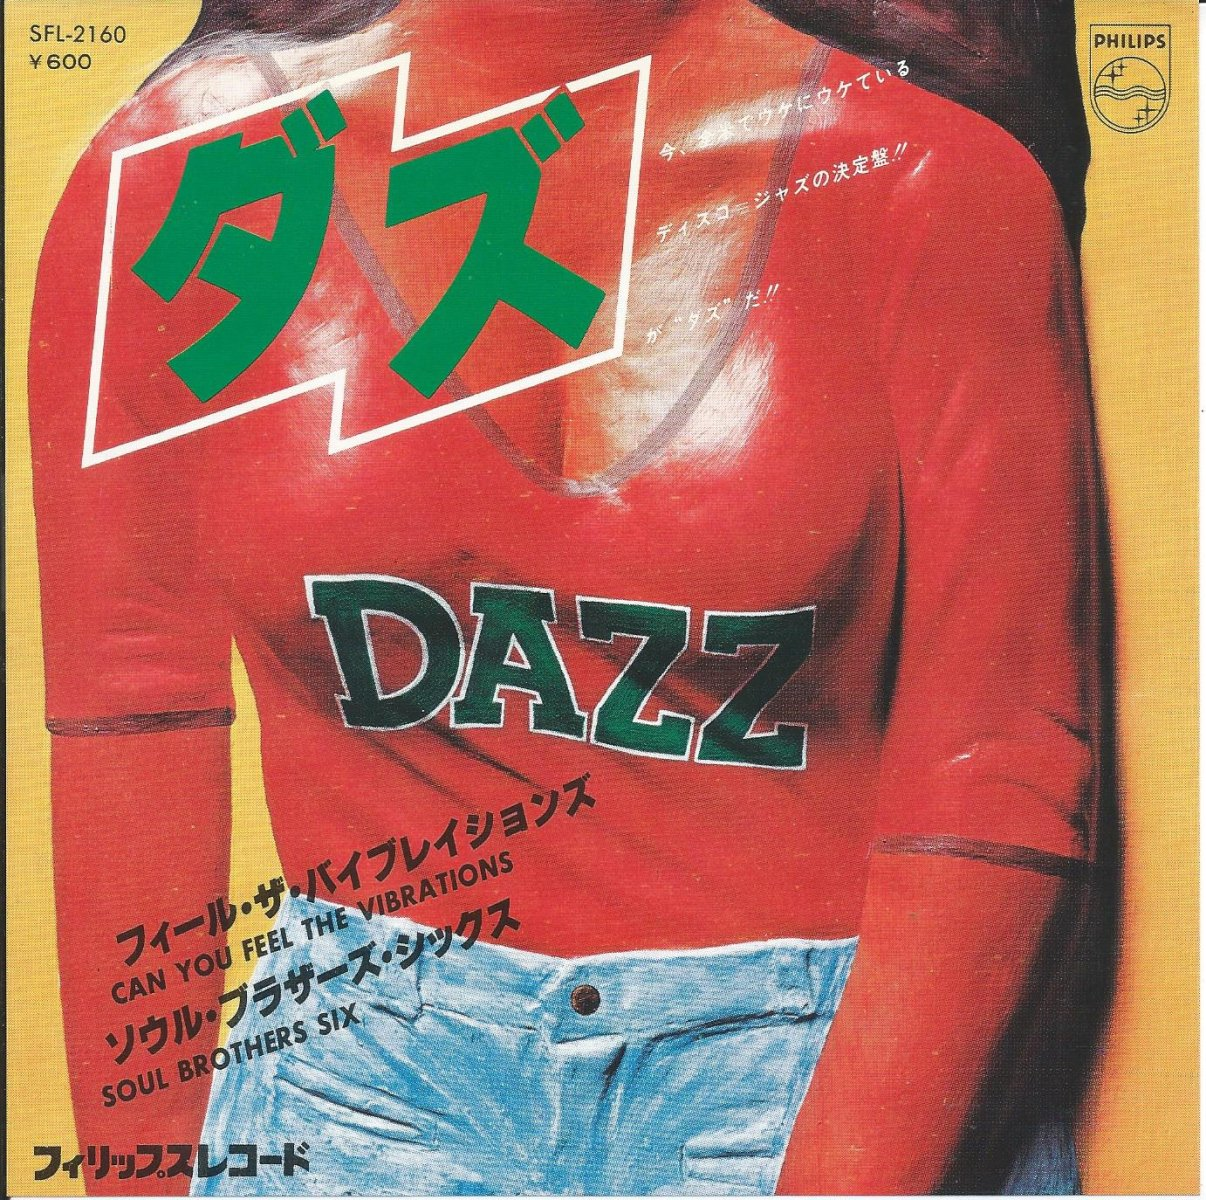 ソウル・ブラザーズ・シックス JOHN ELLISON WITH SOUL BROTHERS SIX / ダズ DAZZ (7